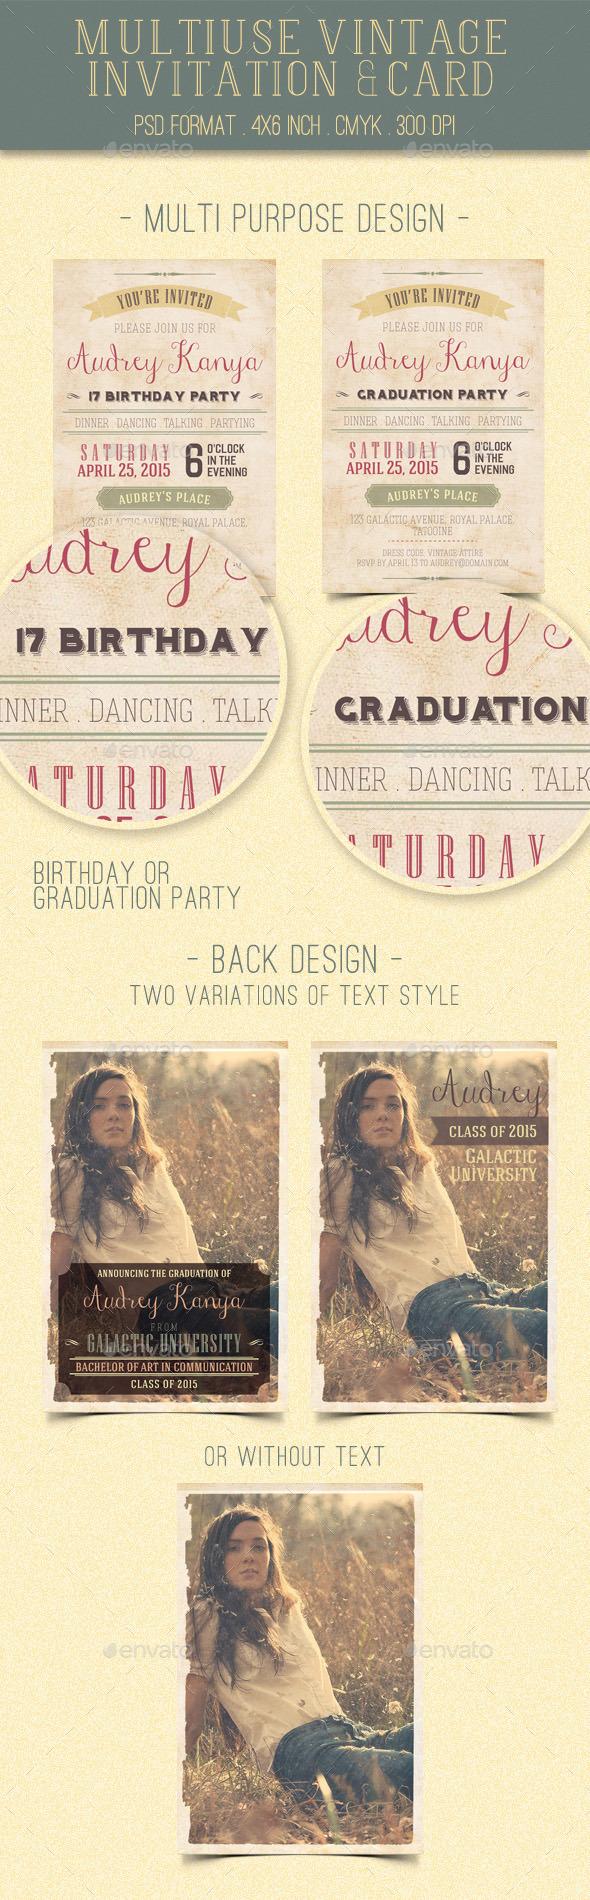 GraphicRiver Multiuse Vintage Invitation & Card 11274472